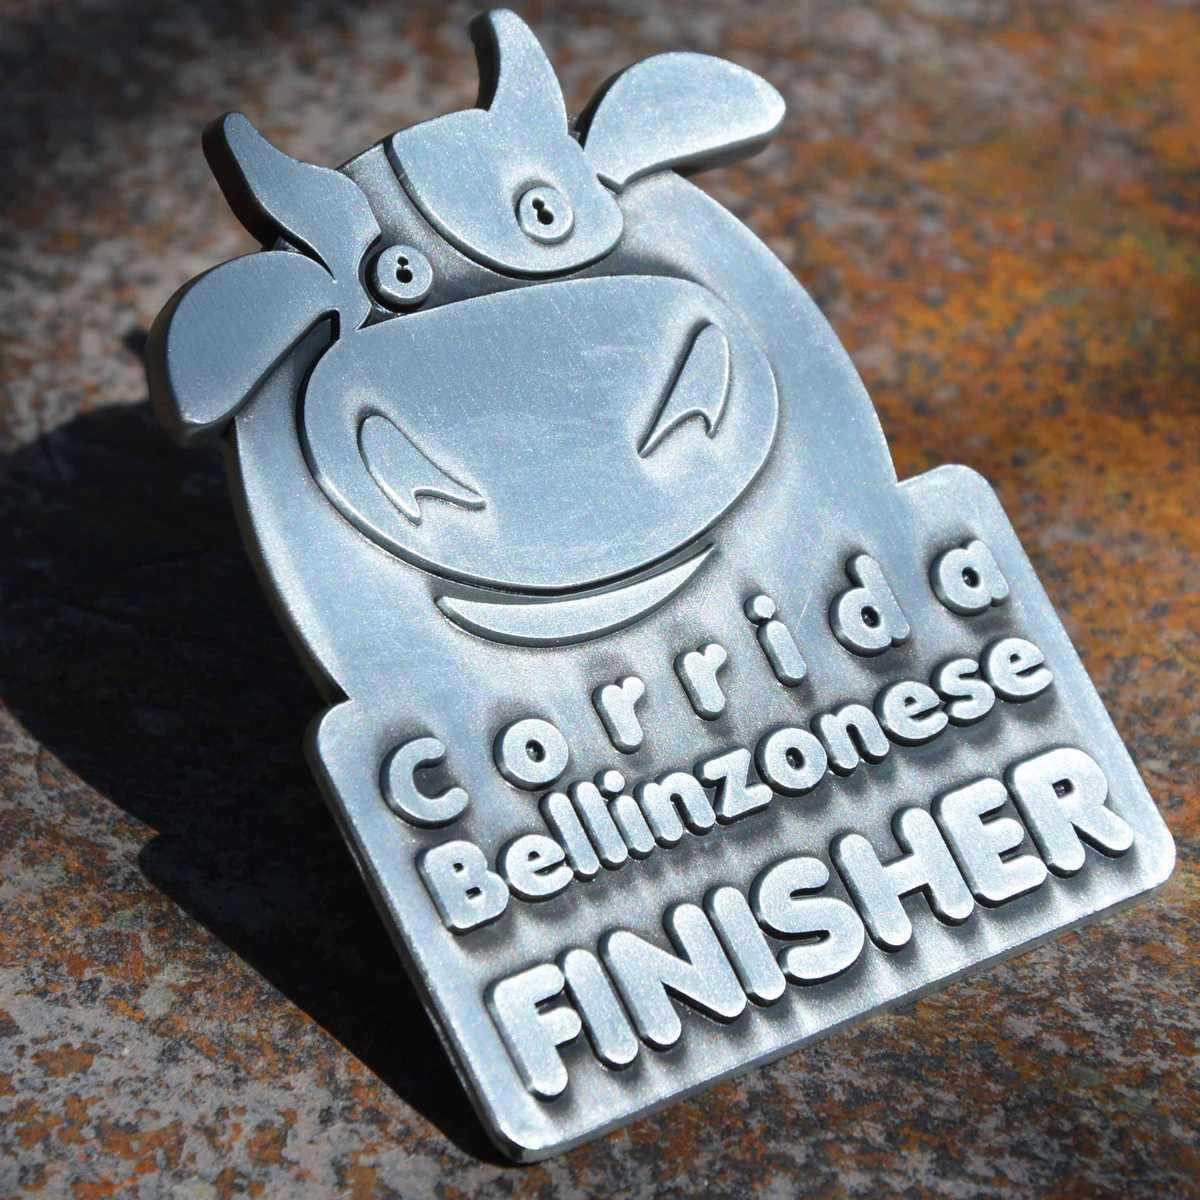 Médaille finisher de Corrida Bellinzonese - alliage découpé à la forme d'un taureau